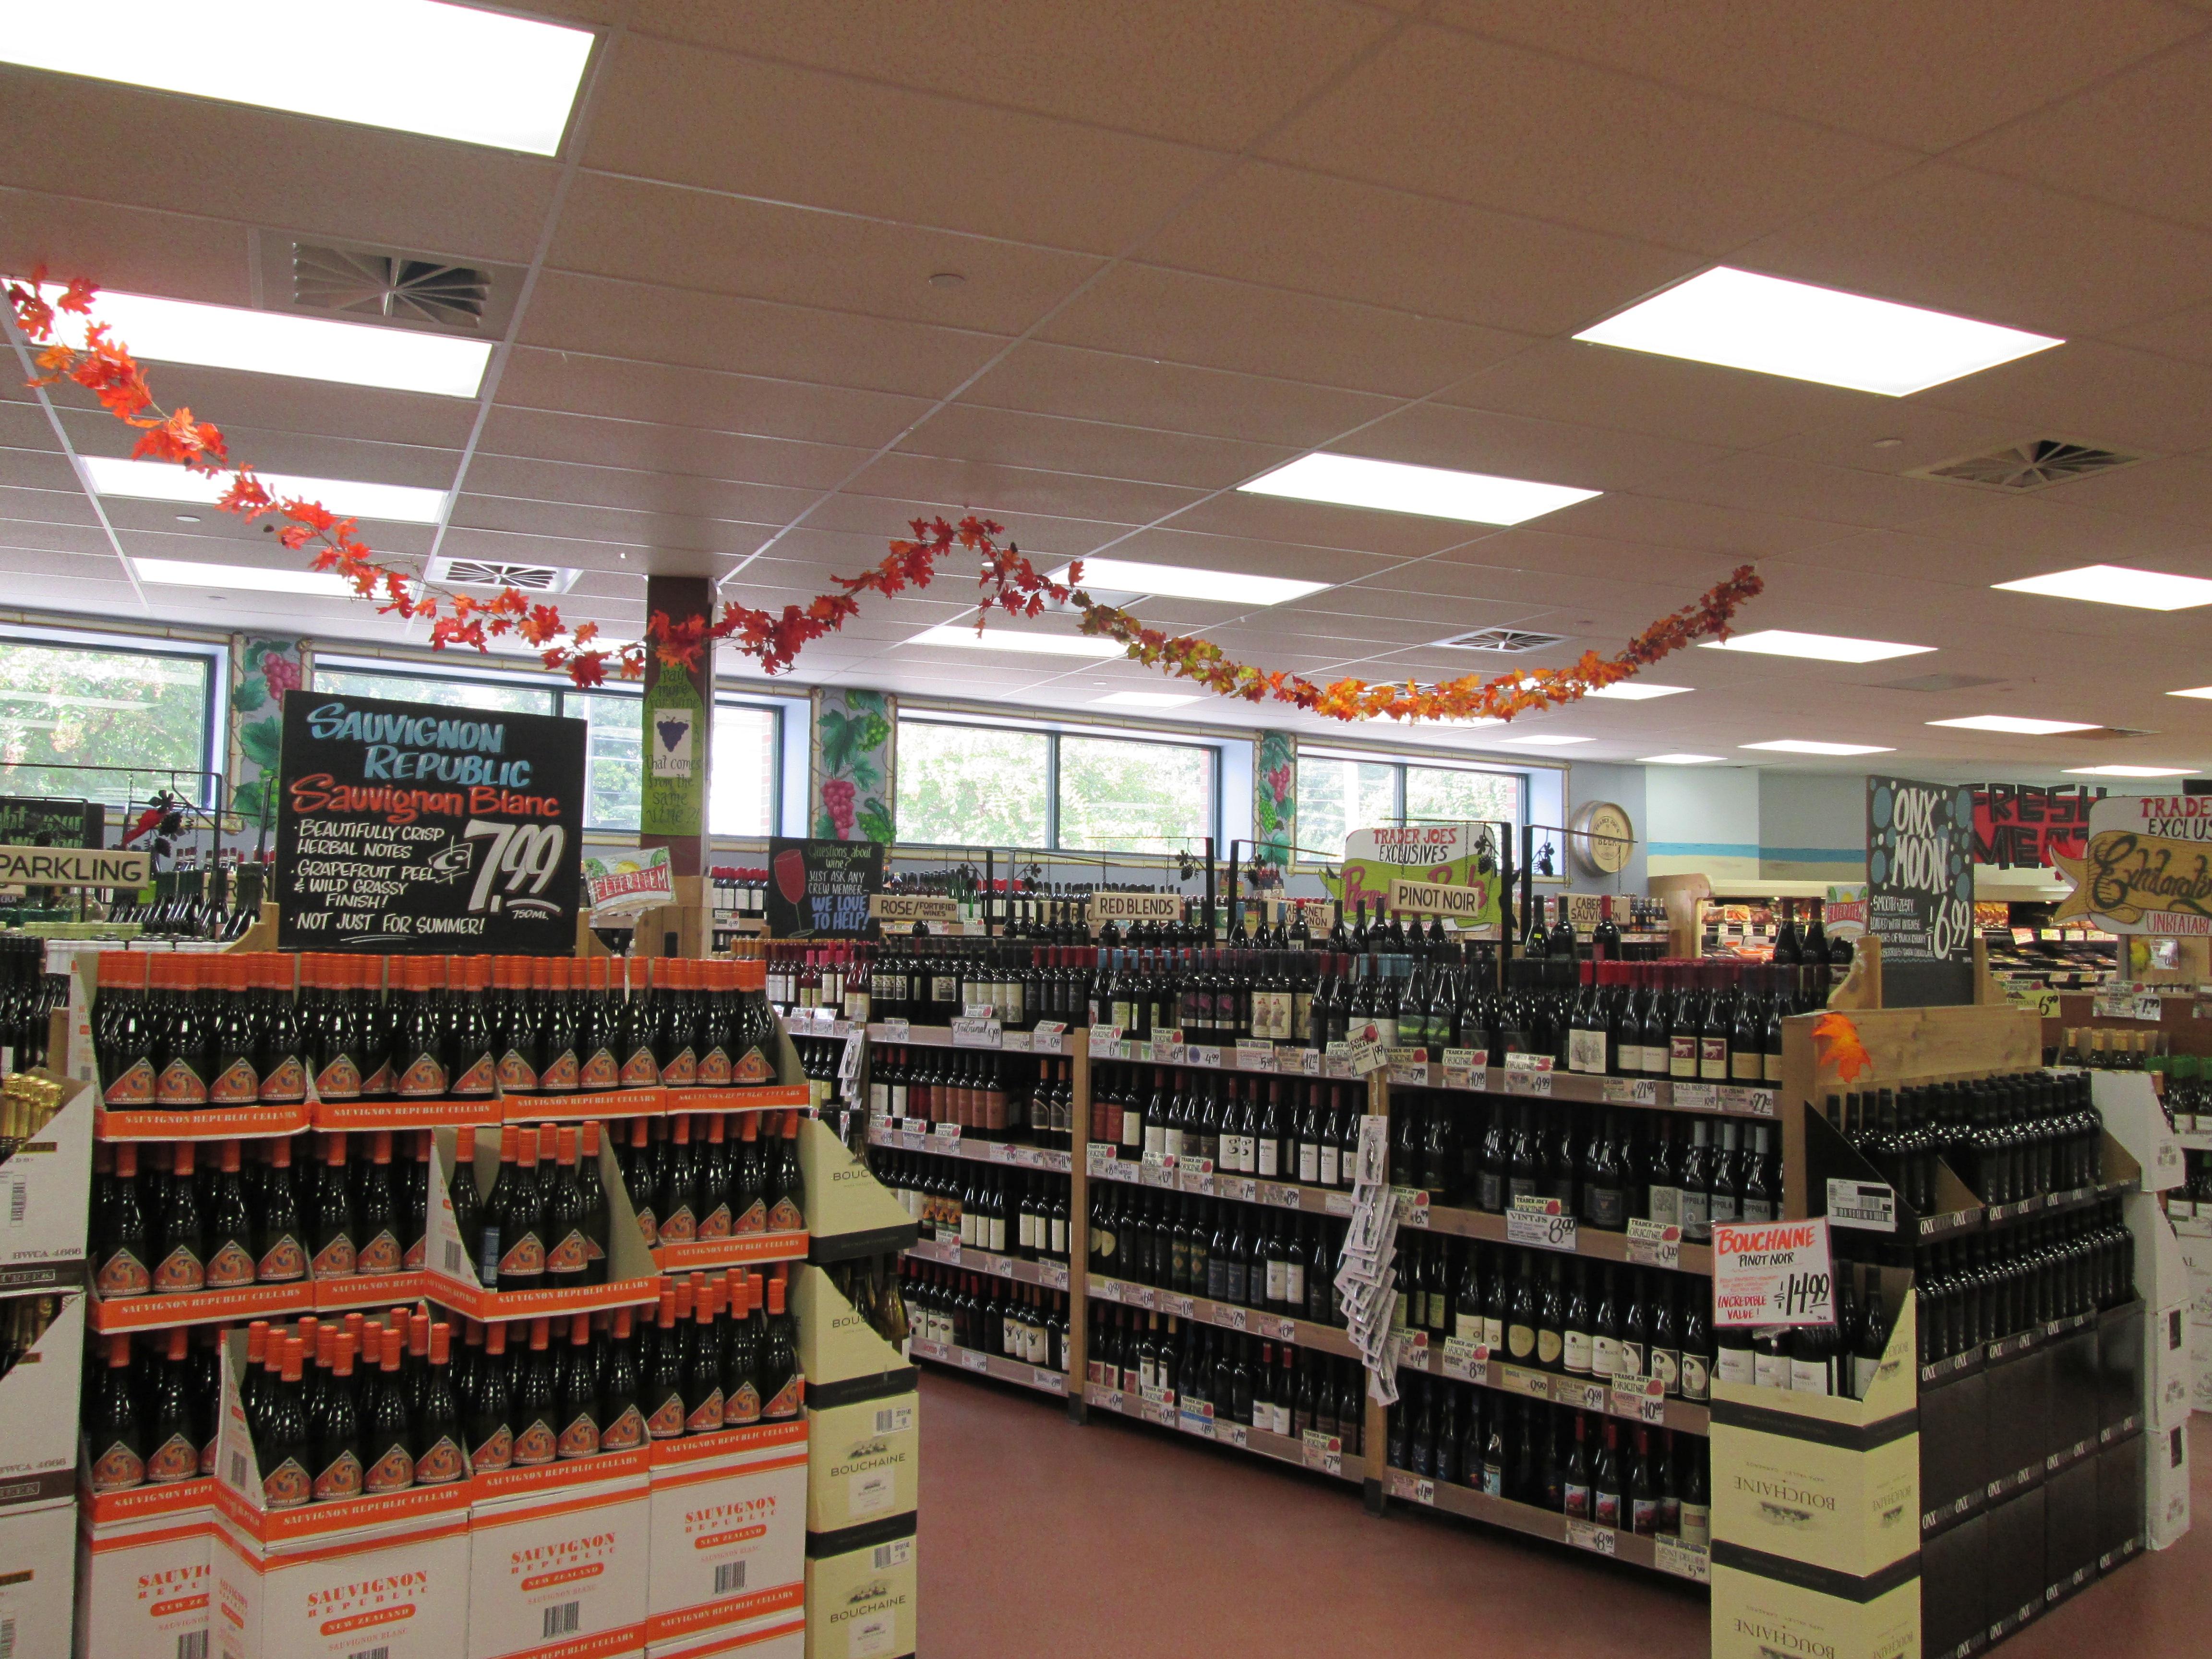 Wine Building Store Drink Market Bottle Business Shopping Alcohol Liquor Aisle Supermarket Sale Grocery Atlanta Public Domain